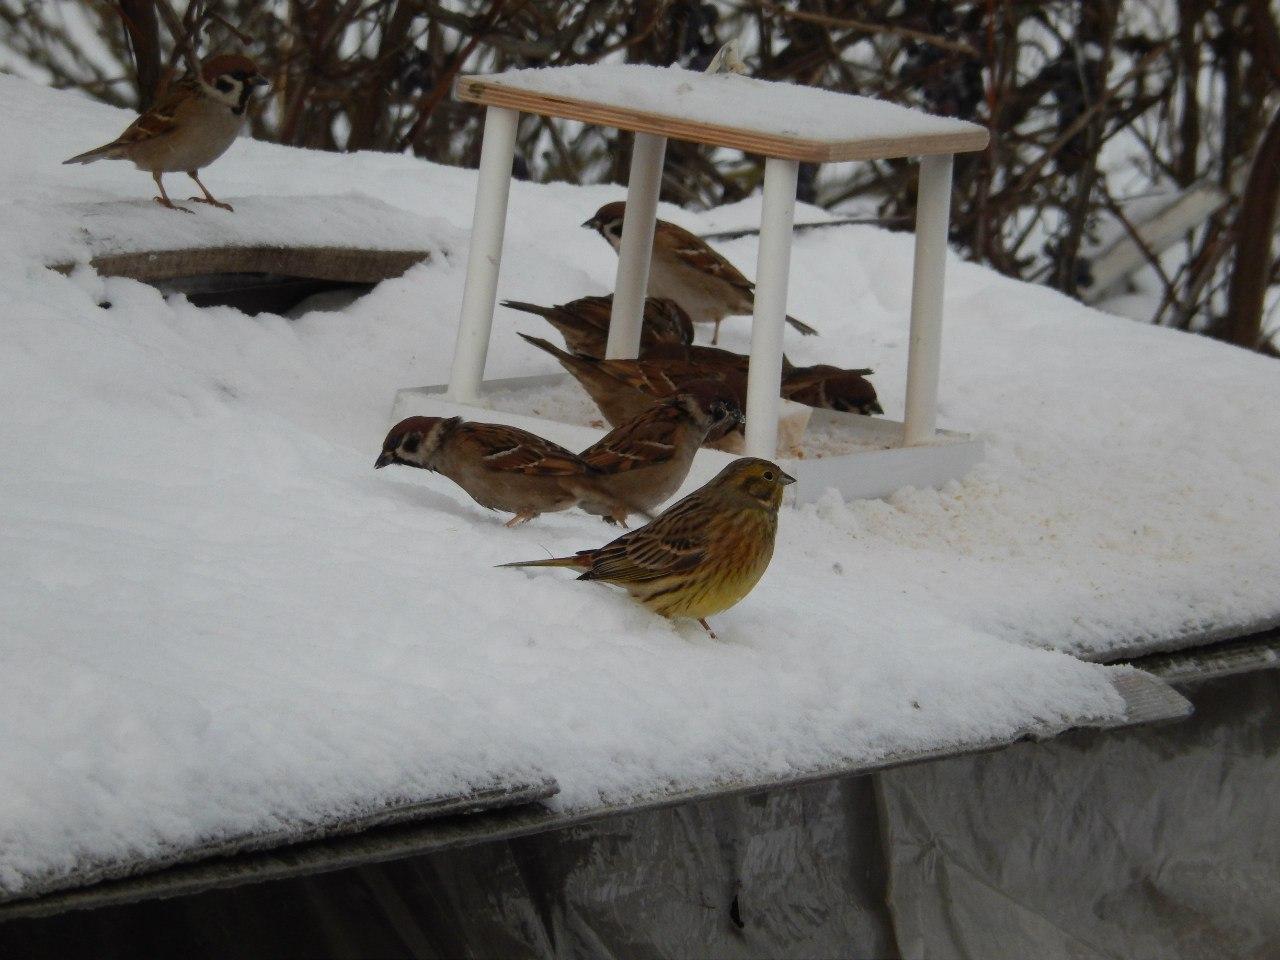 Считайте птиц внимательно! Фото - О.Почепко